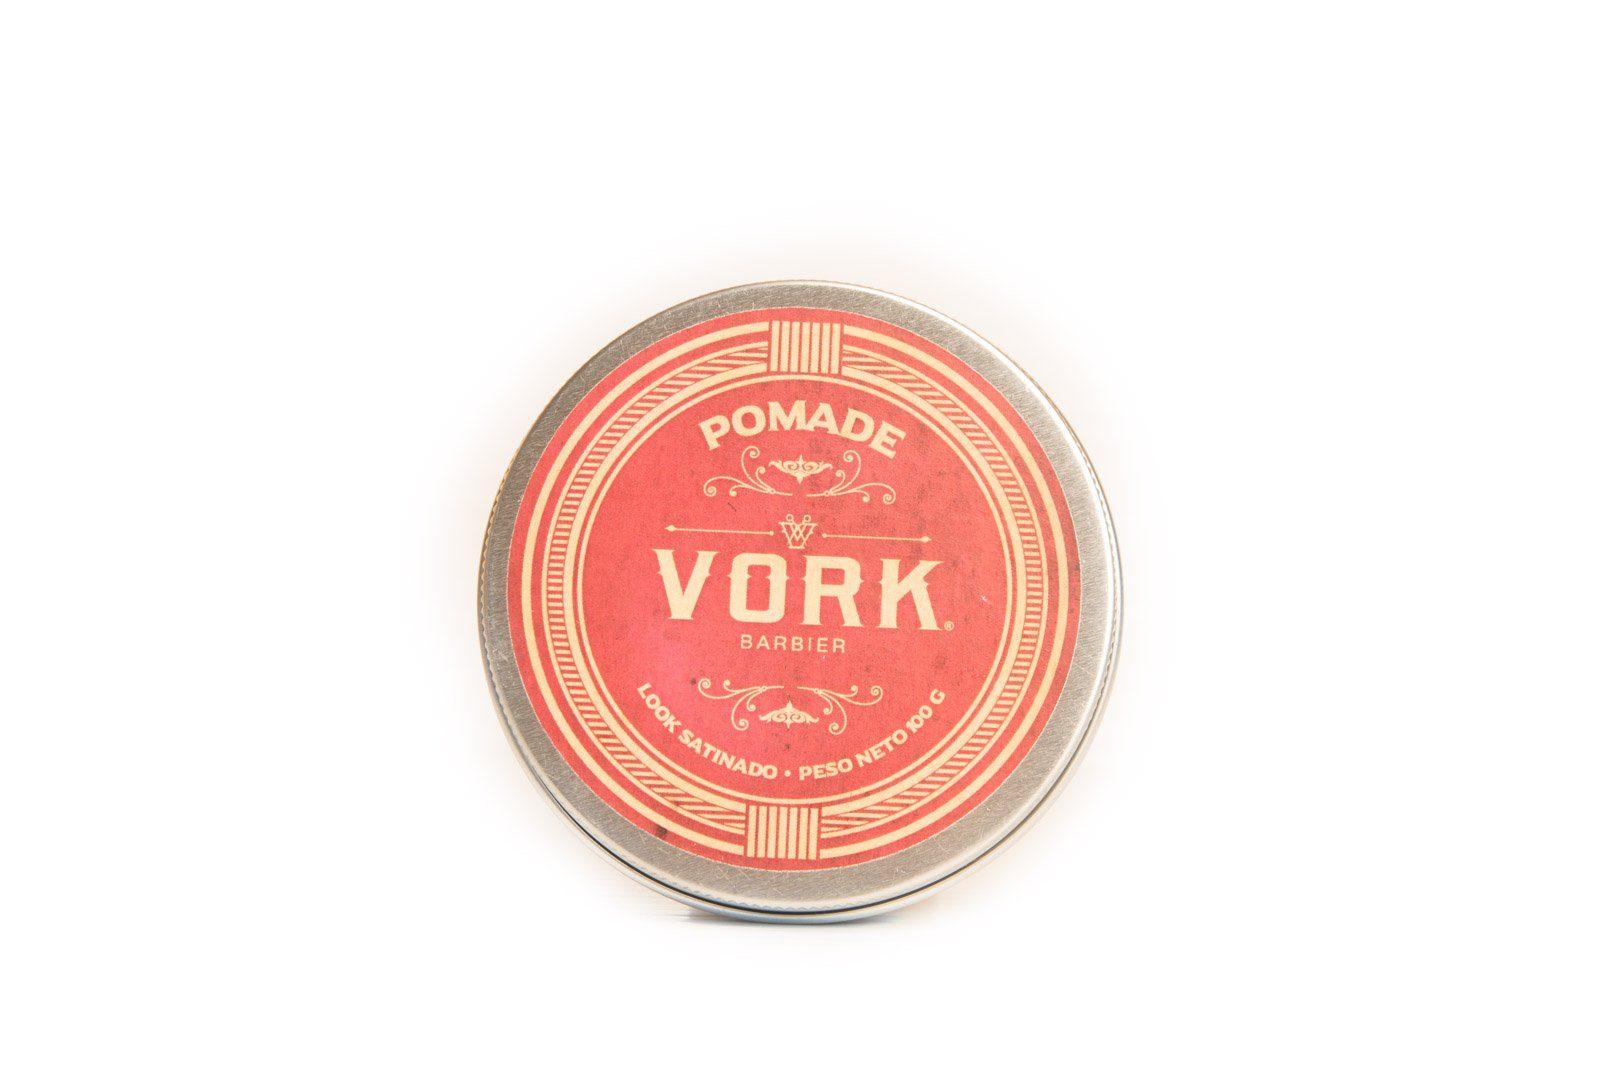 Pomada Vork